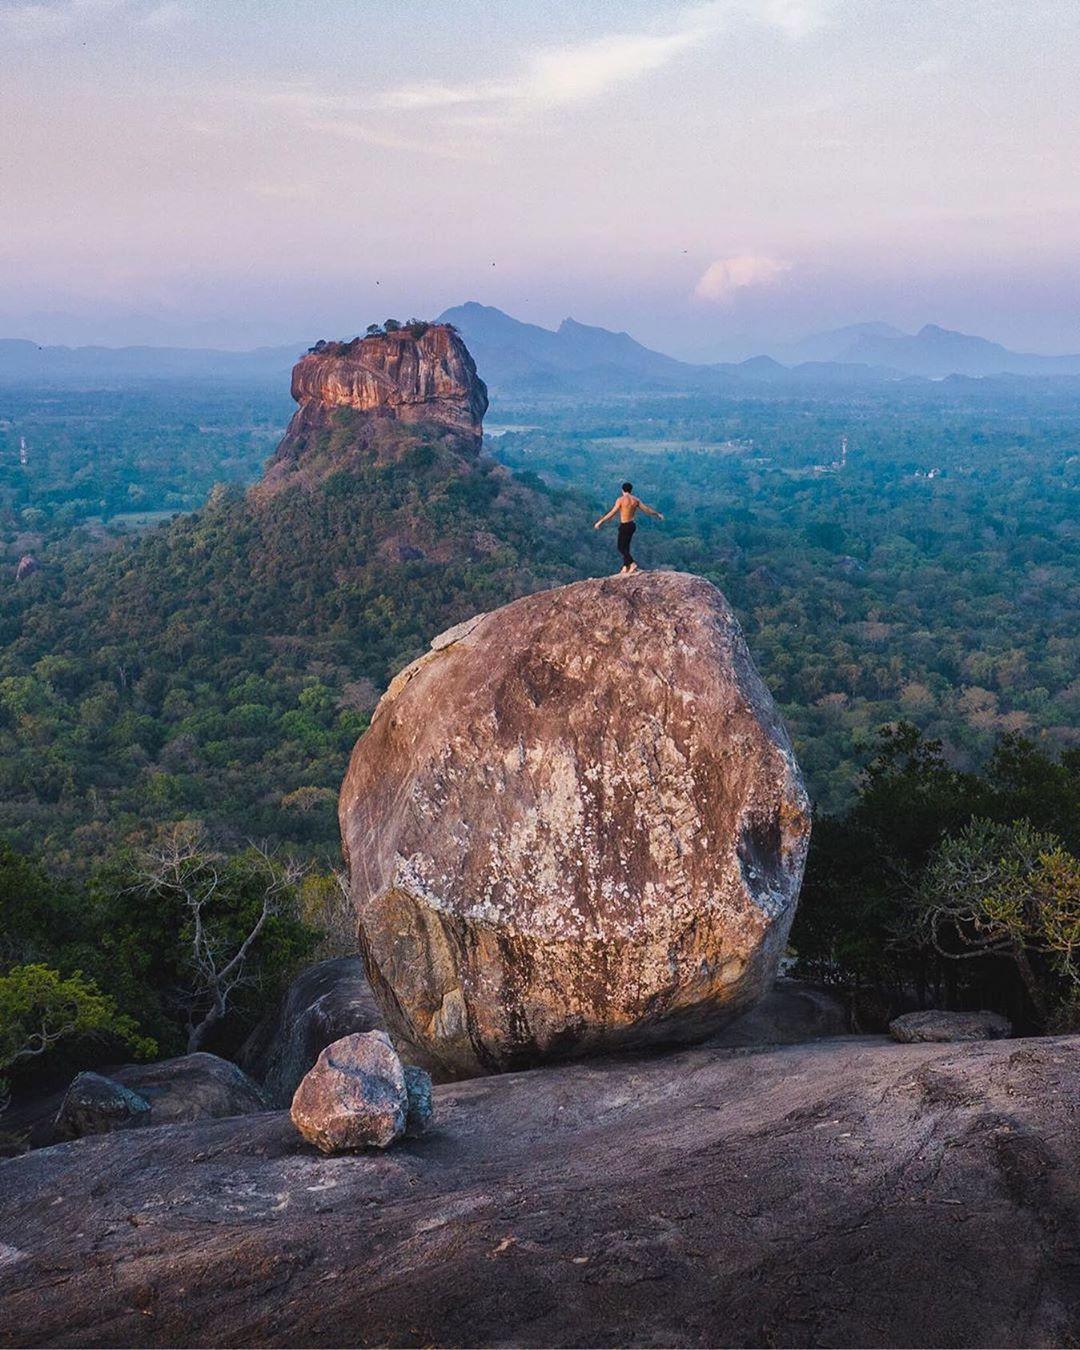 CNN công bố 19 điểm đến du lịch tốt nhất châu Á, Việt Nam có tới 2 đại diện bất ngờ lọt top - Ảnh 10.